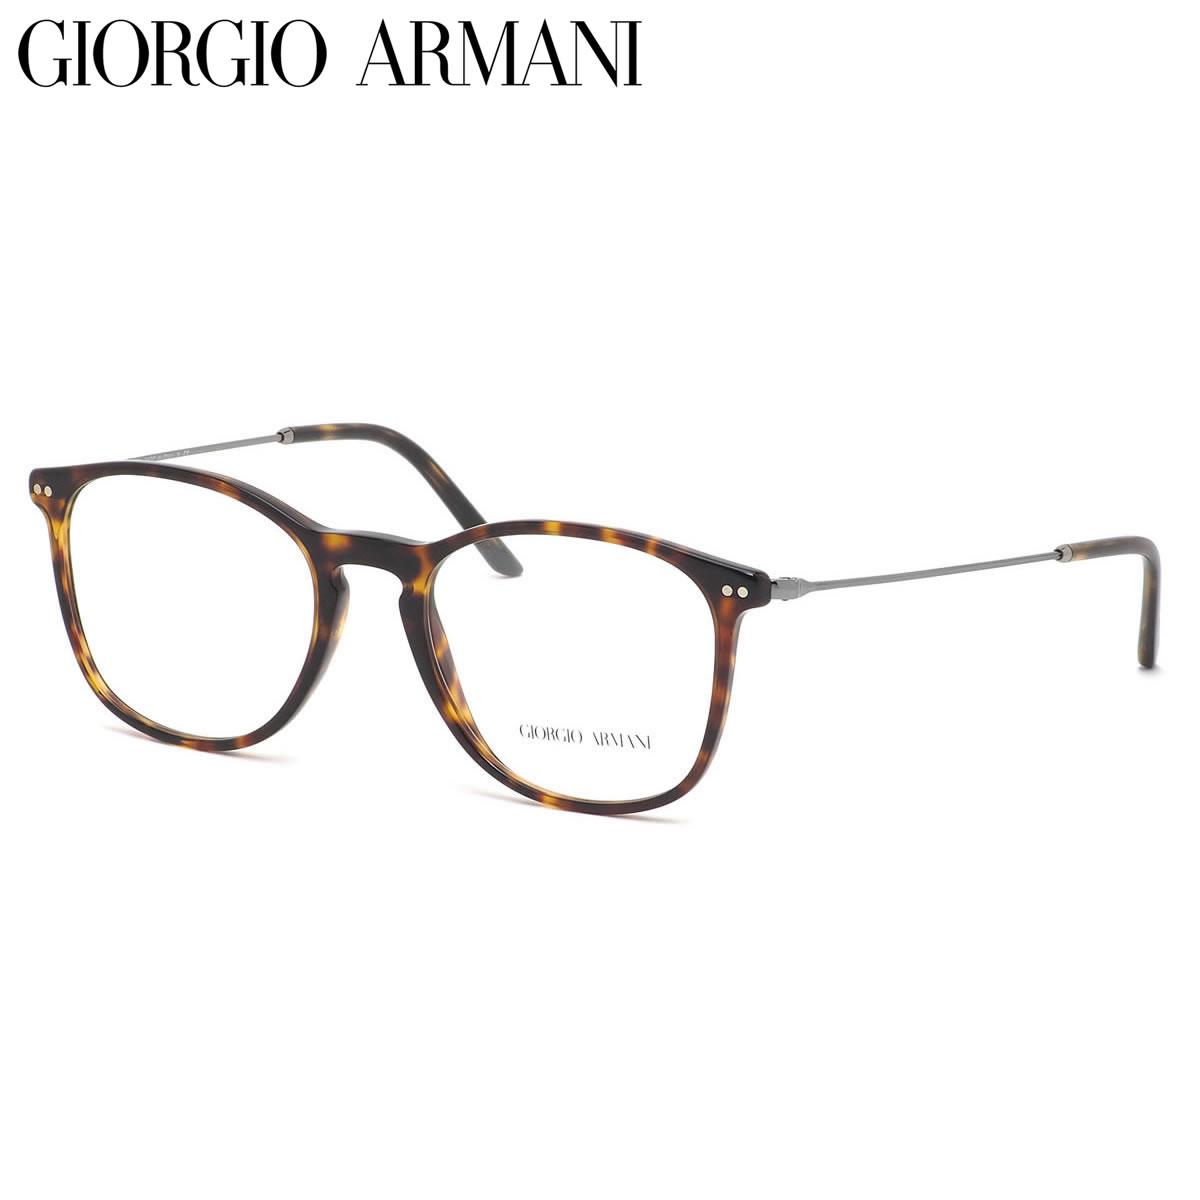 GIORGIO ARMANI ジョルジオアルマーニ メガネ AR7160 5026 53サイズ FRAMES OF LIFE ウェリントンシェイプ コンビネーション ジョルジオアルマーニGIORGIOARMANI メンズ レディース